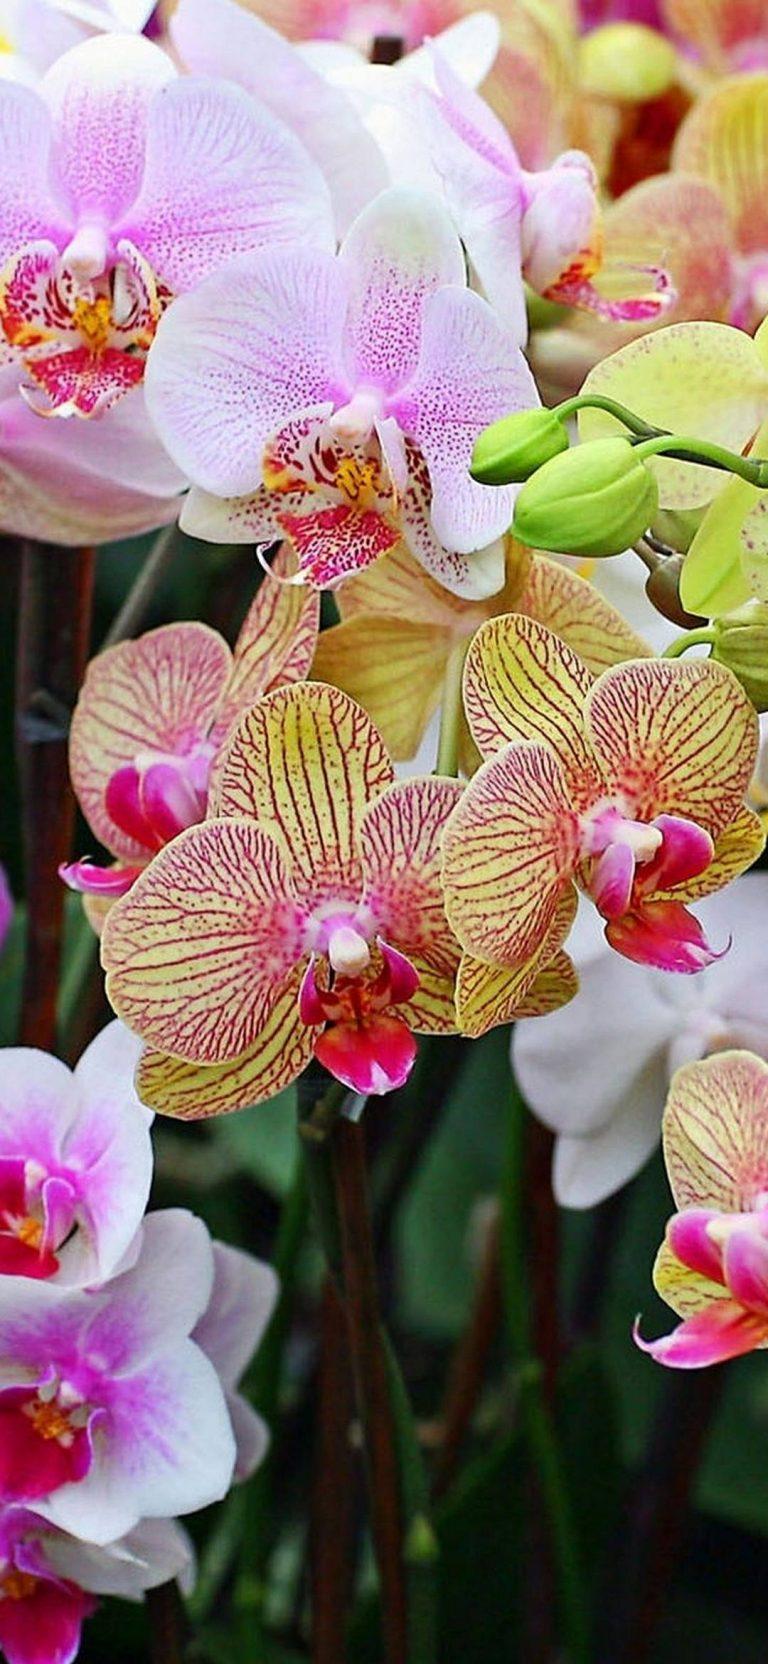 Orchids Flowers Petals 1080x2340 768x1664